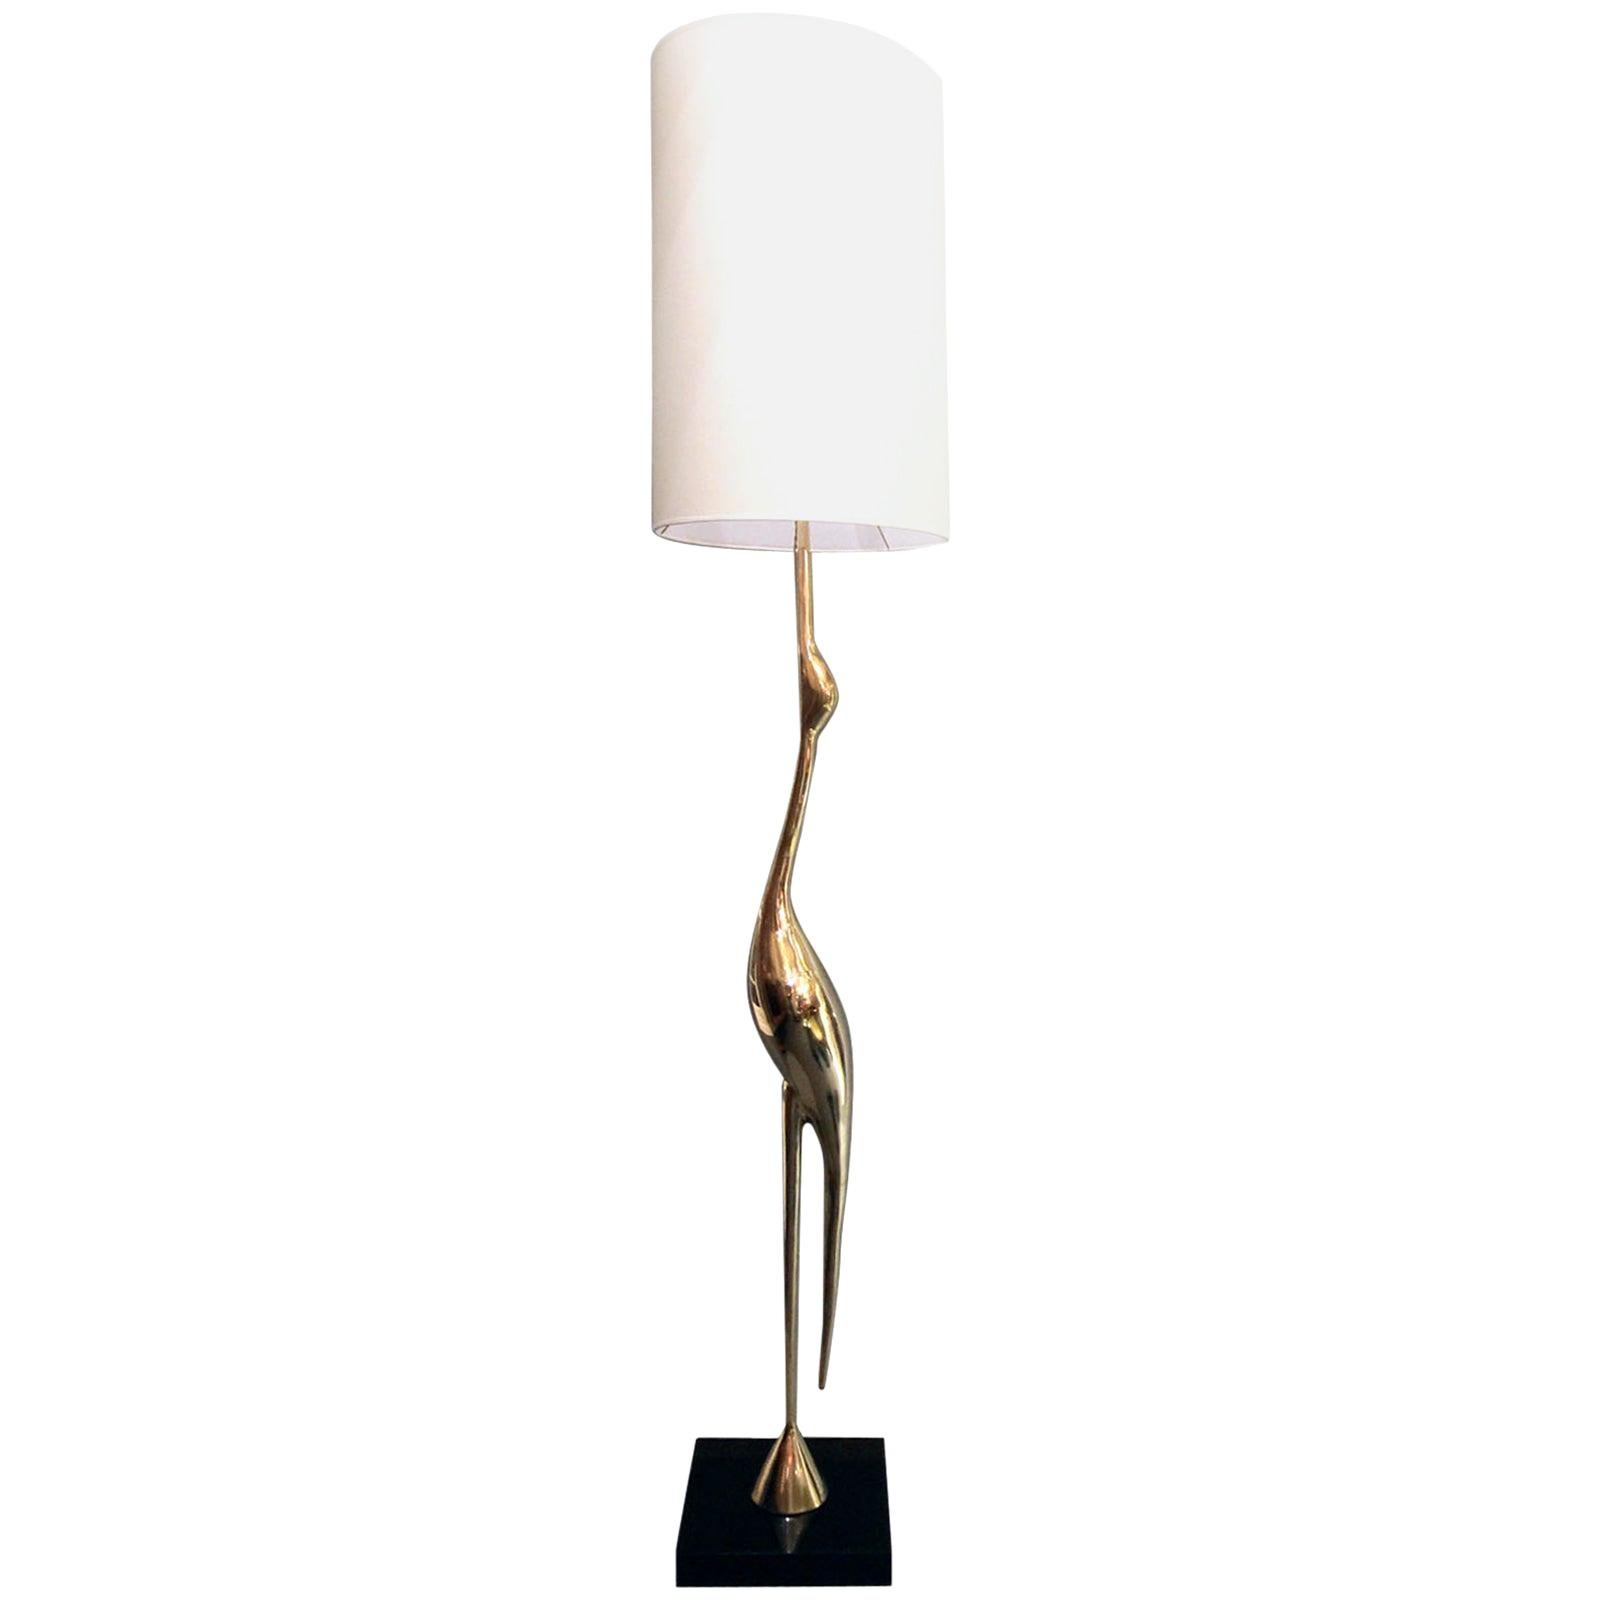 Heron Floor Lamp by Rene Broissand